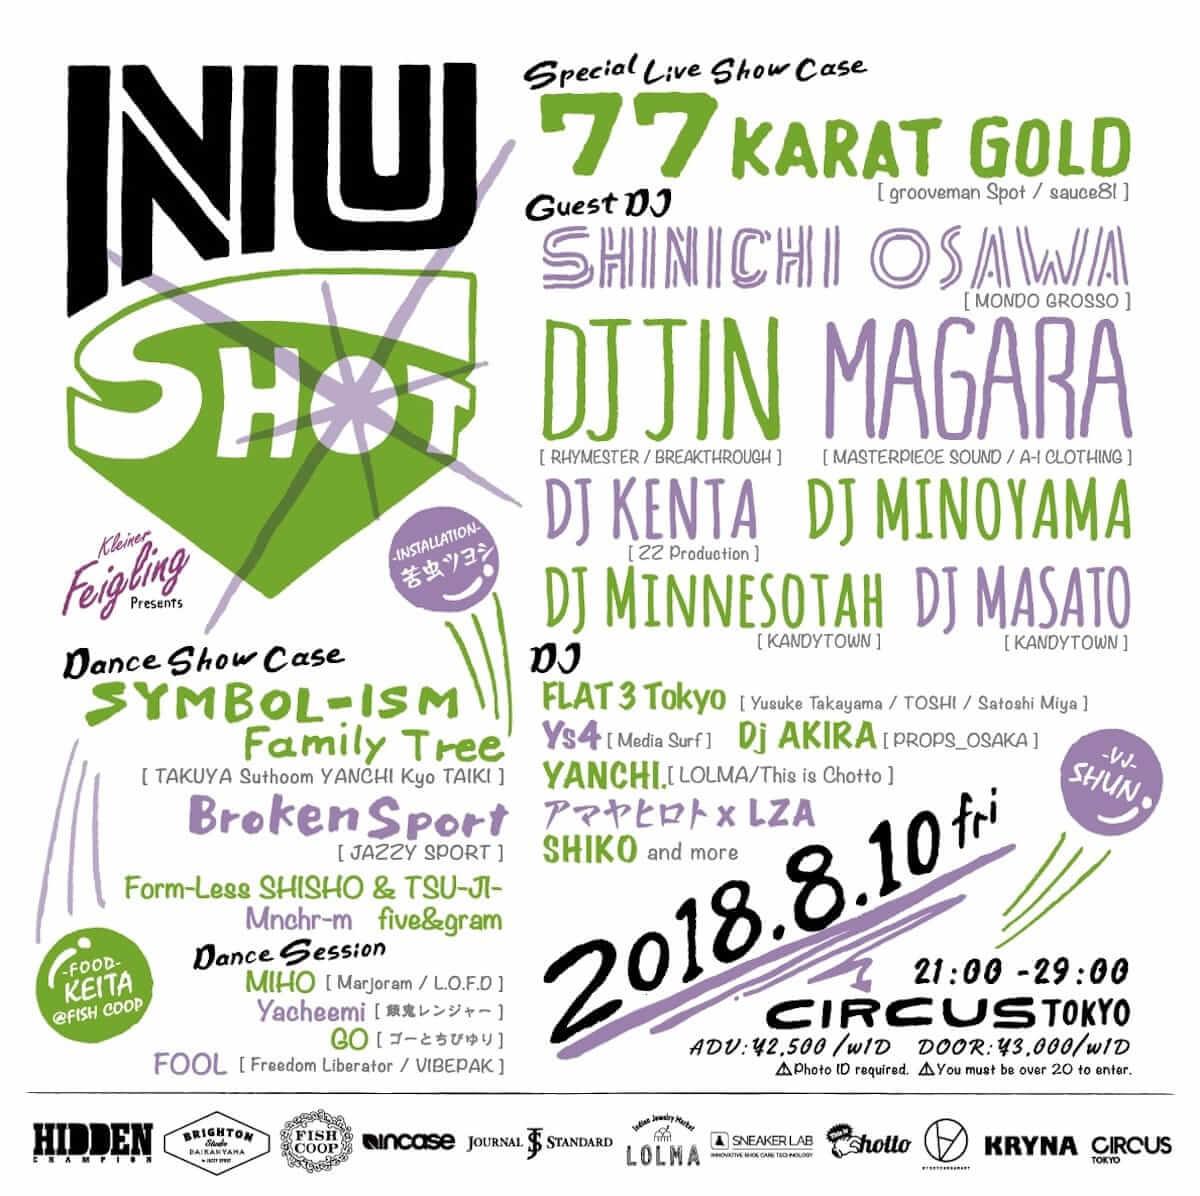 注目の新パーティー「NU-SHOT」が8月10日(金)にCIRCUS Tokyoにて開催 music180802-nu-shot-1-1200x1196